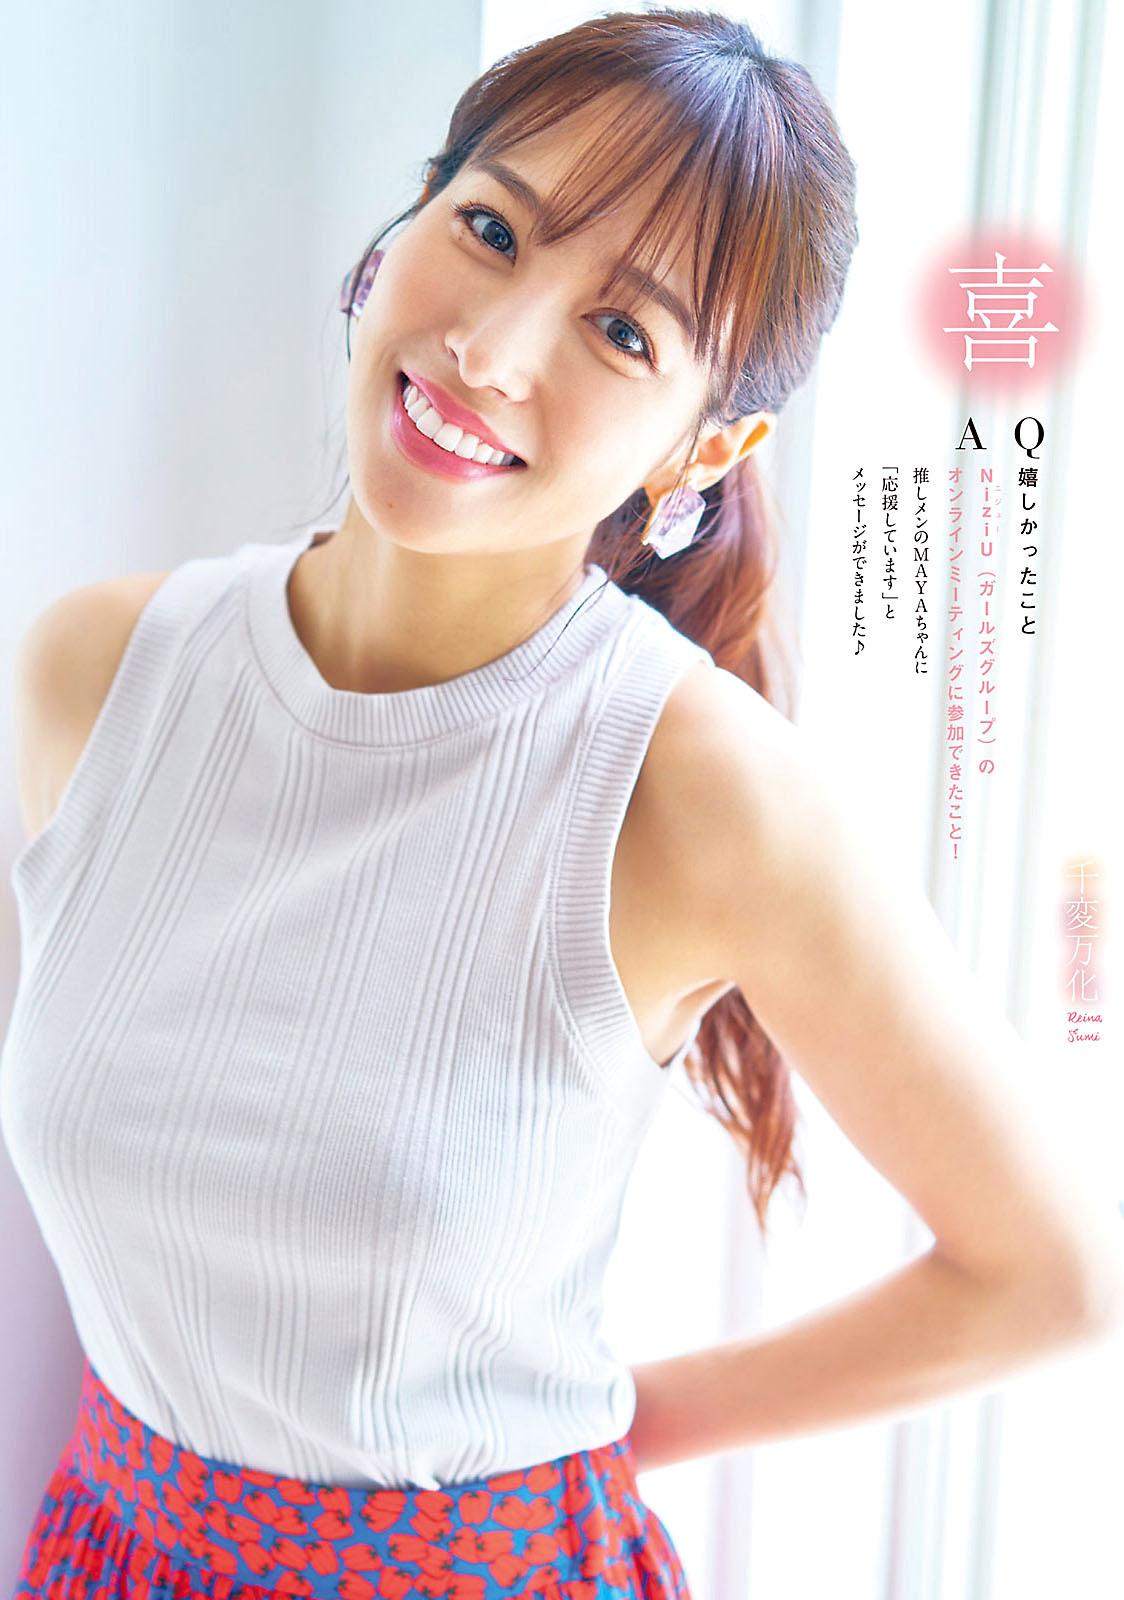 Reina Sumi Young Magazine 210705 03.jpg